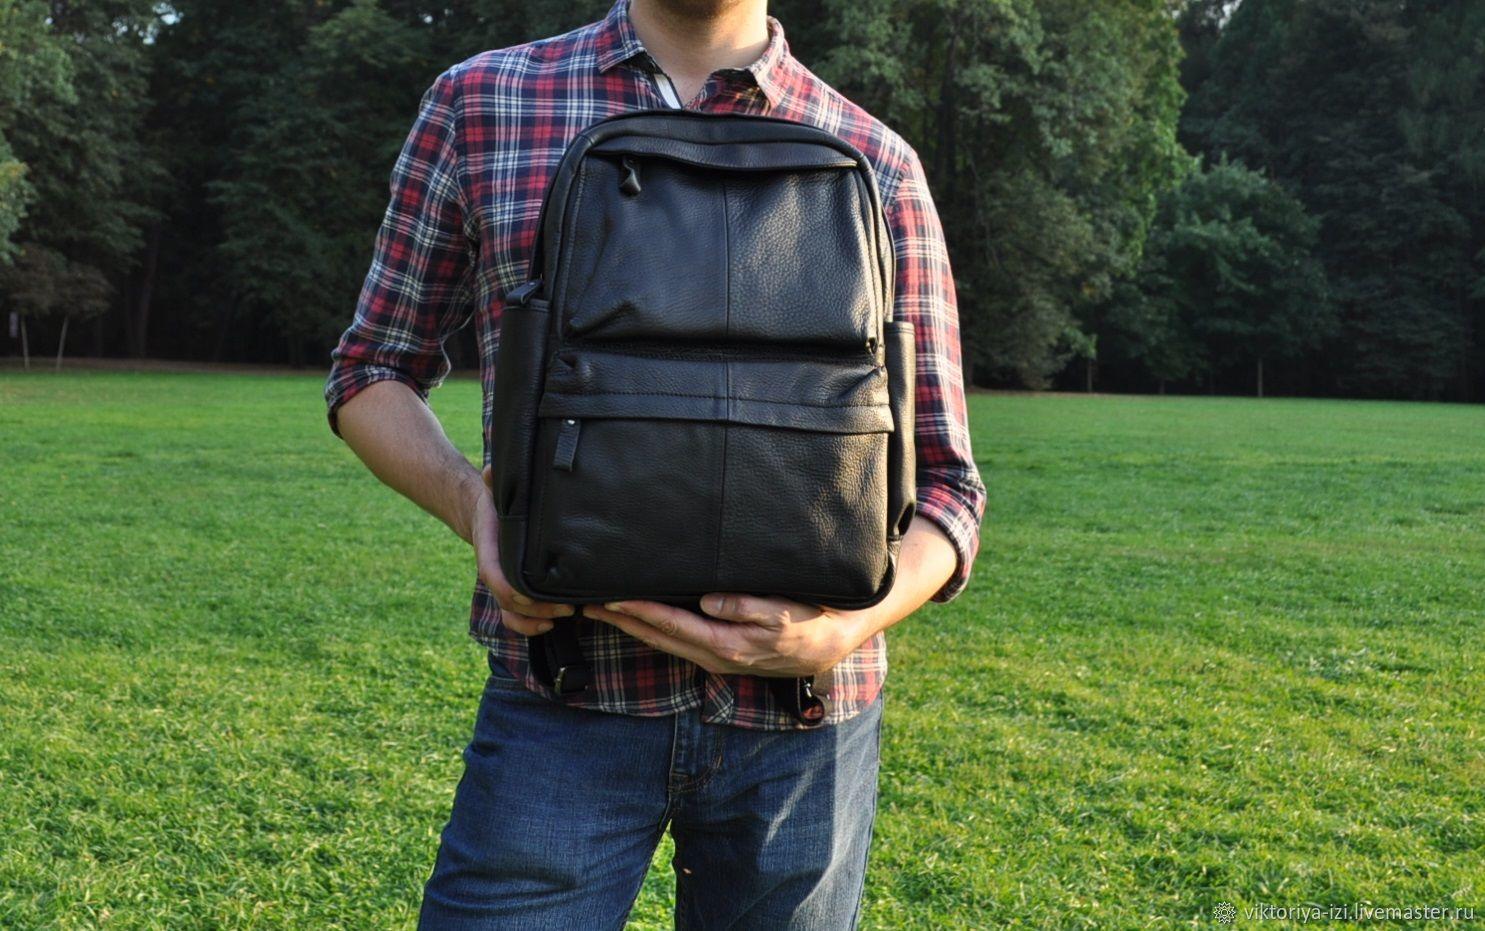 Рюкзак мужской кожаный черный, Рюкзаки, Москва,  Фото №1